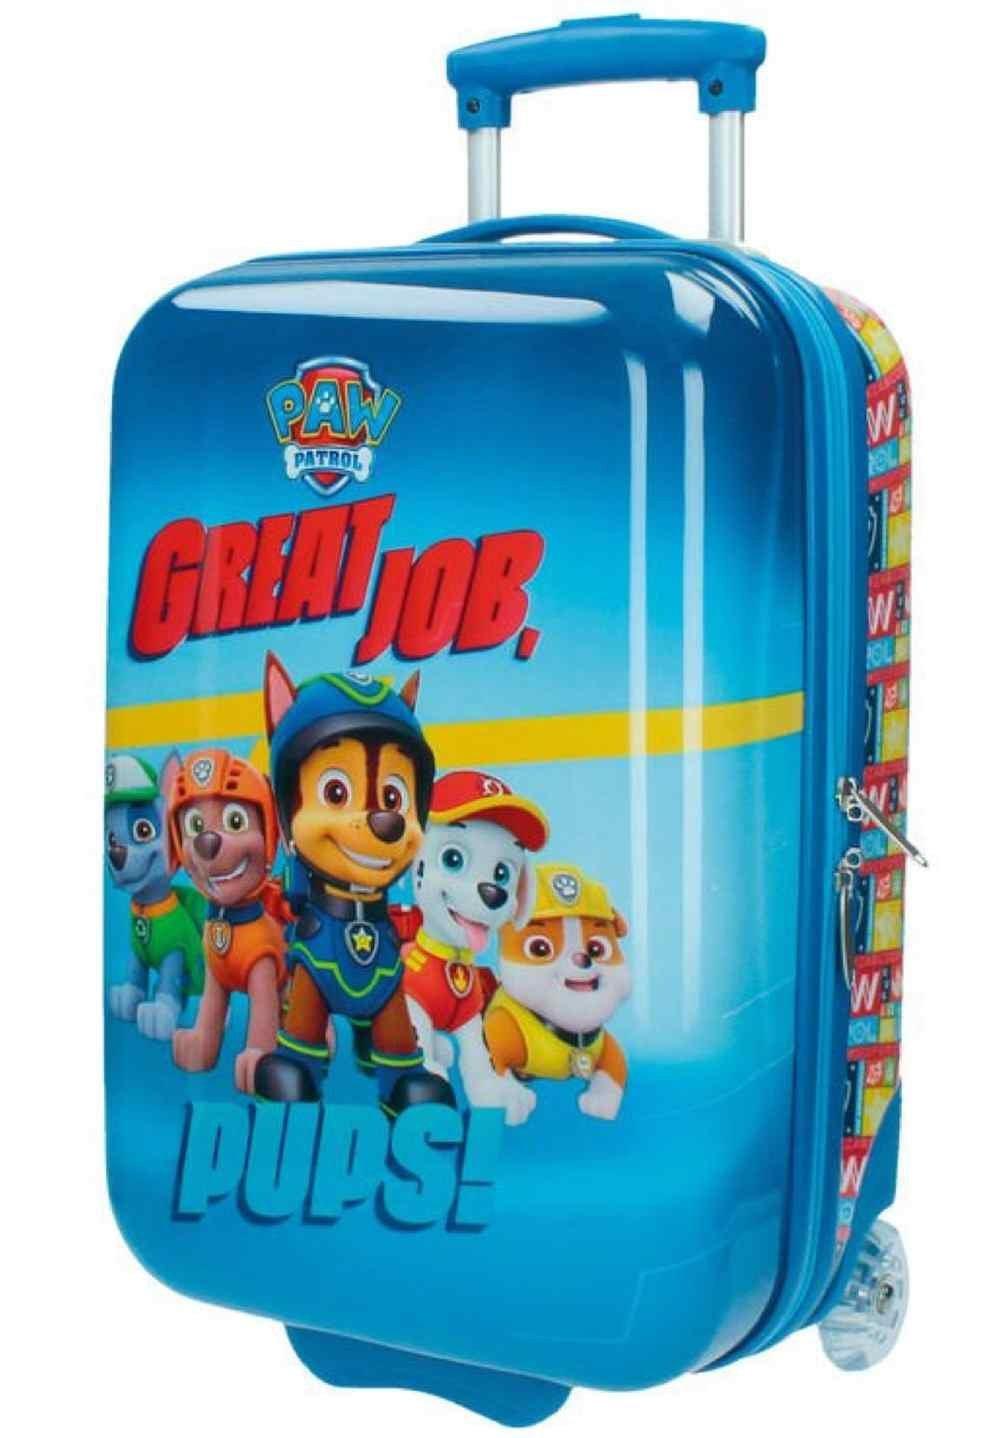 Paw Patrol 2670351 Kabinenkoffer Kindergepäck, 26 Liter, Blau